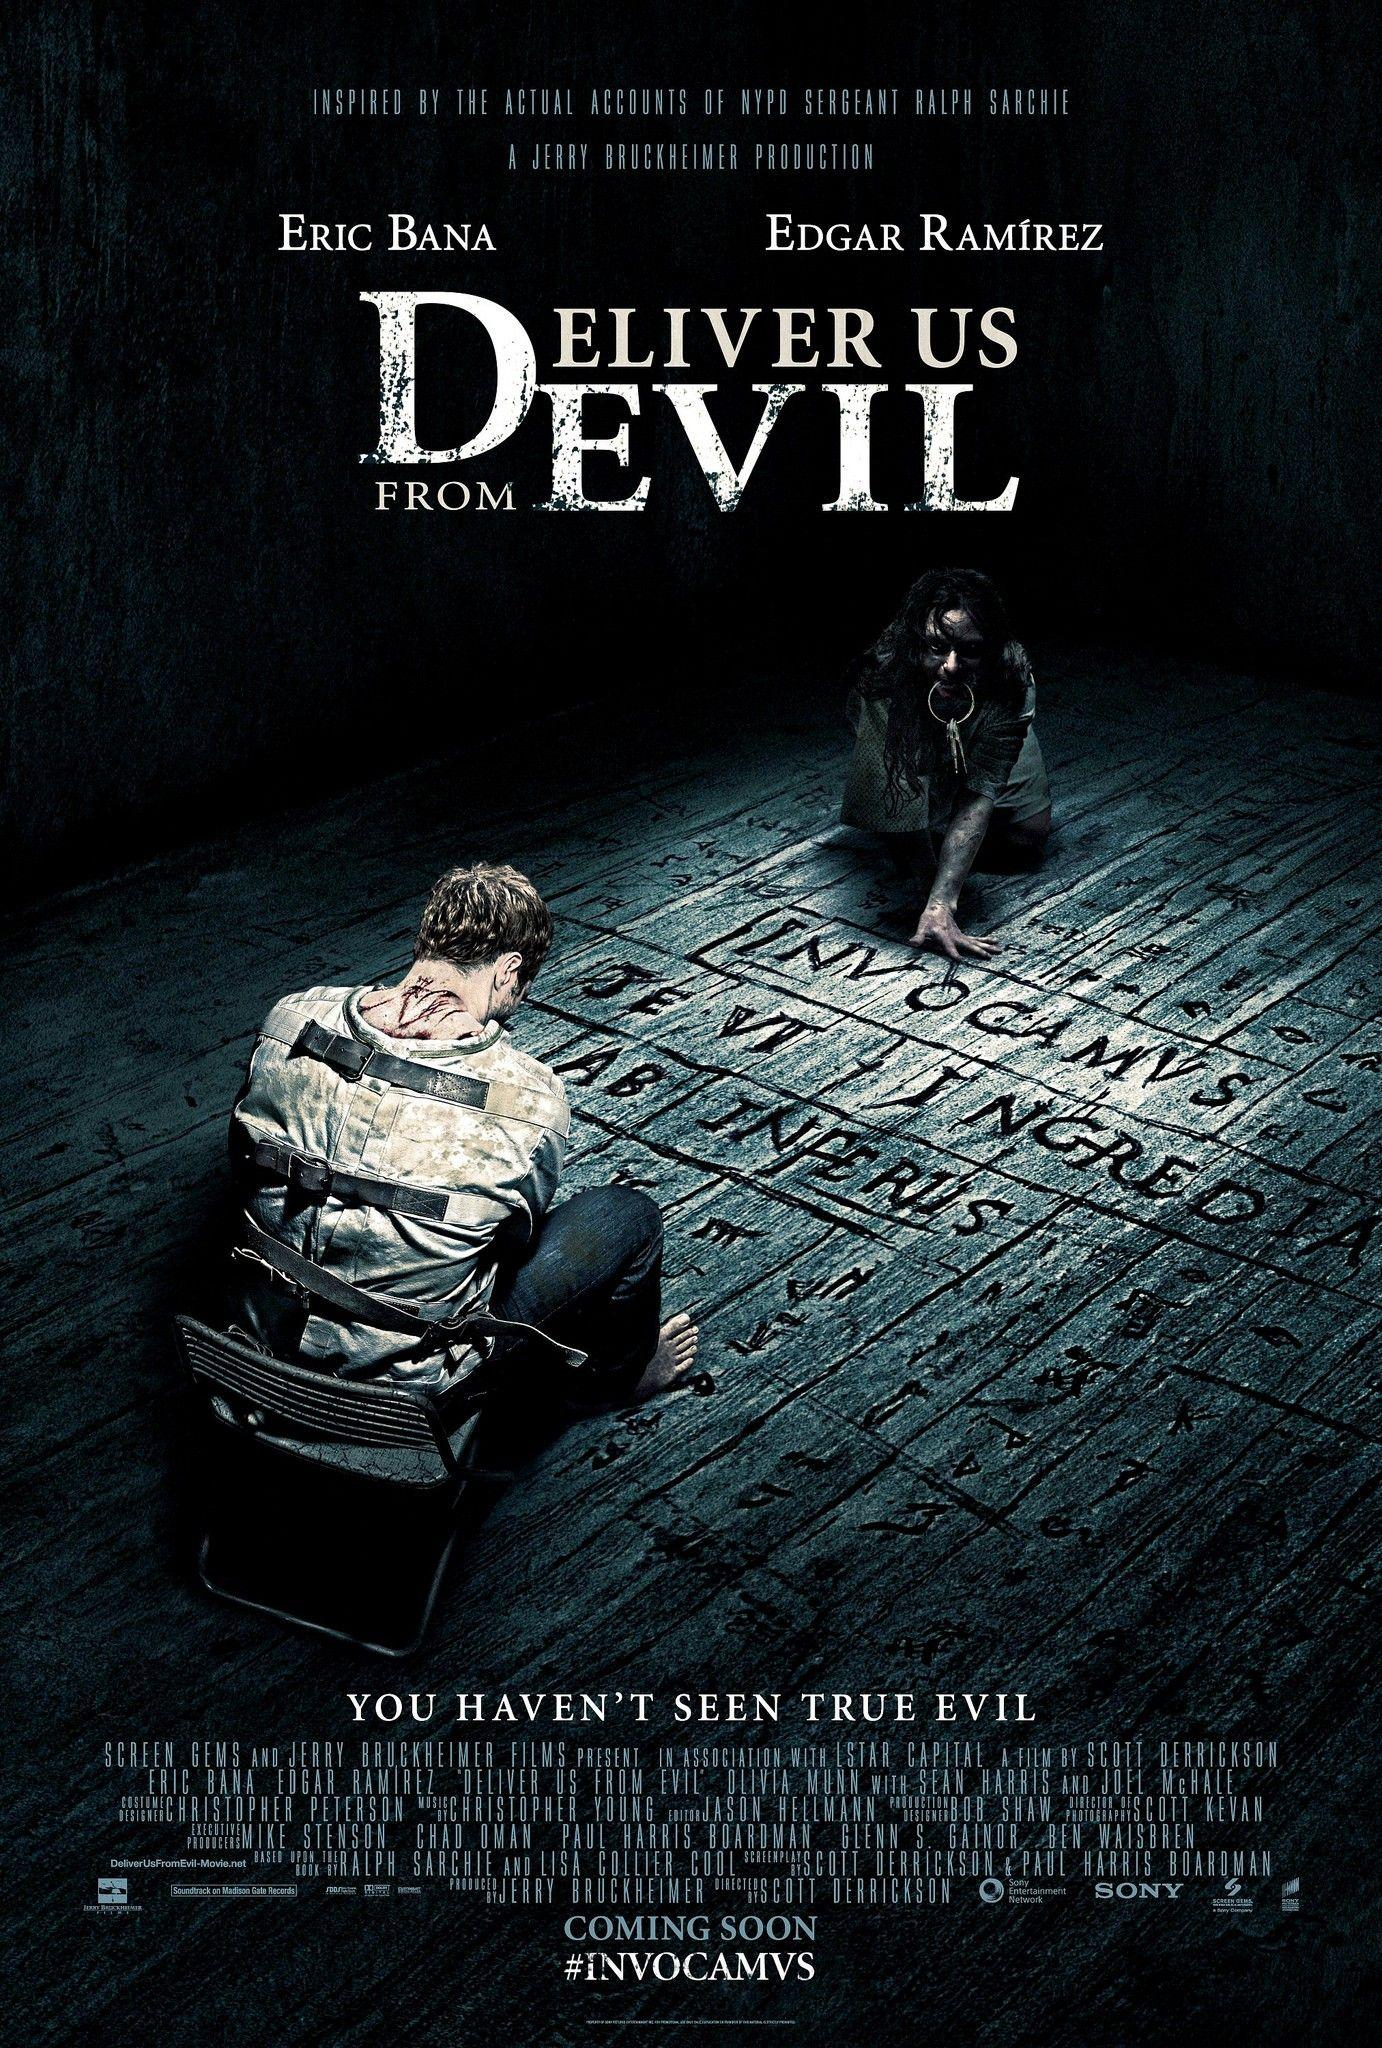 Deliver Us From Evil 2014 Peliculas De Terror Ver Pelicula De Terror Buenas Peliculas De Terror